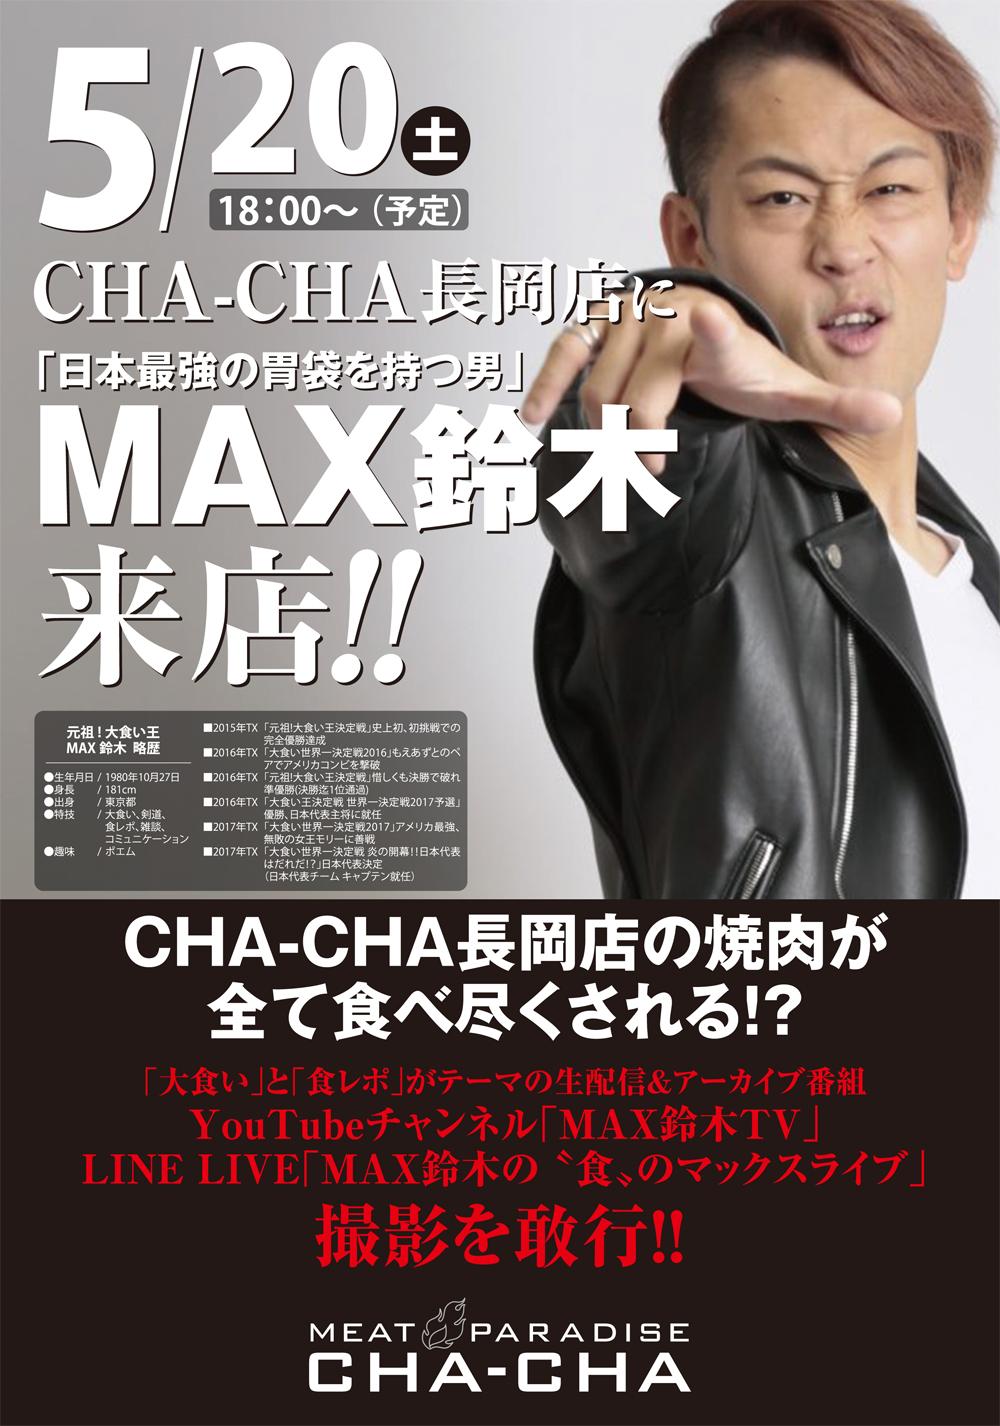 CHA-CHA長岡